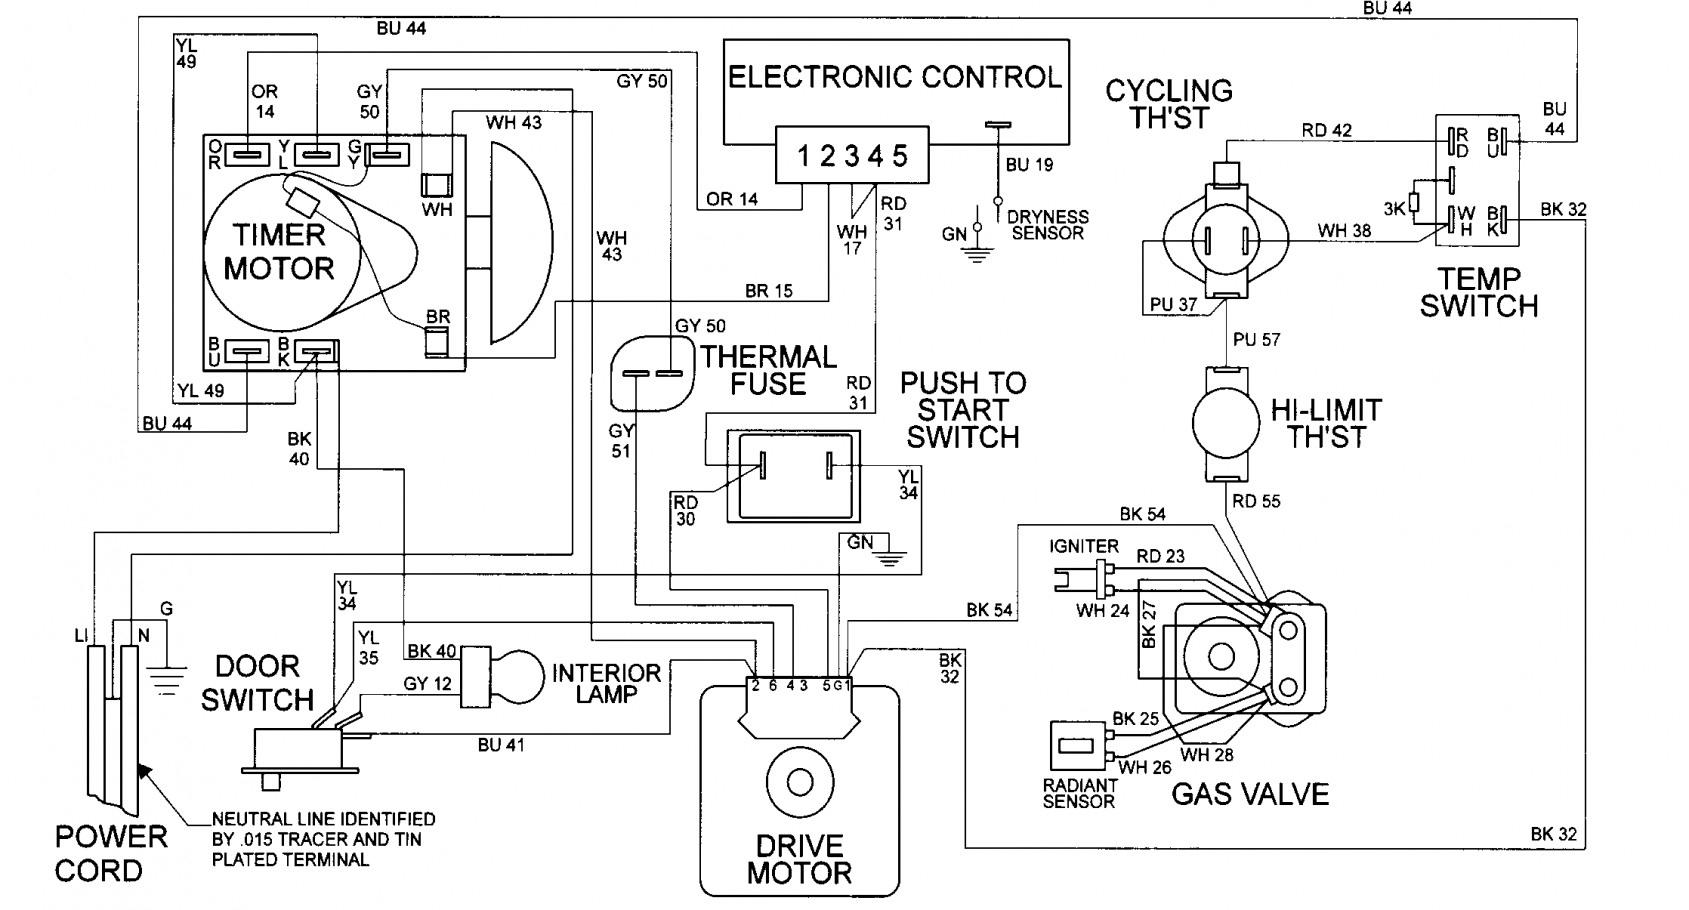 Admiral Electric Dryer Wiring Schematic | Wiring Diagram - Whirlpool Dryer Wiring Diagram